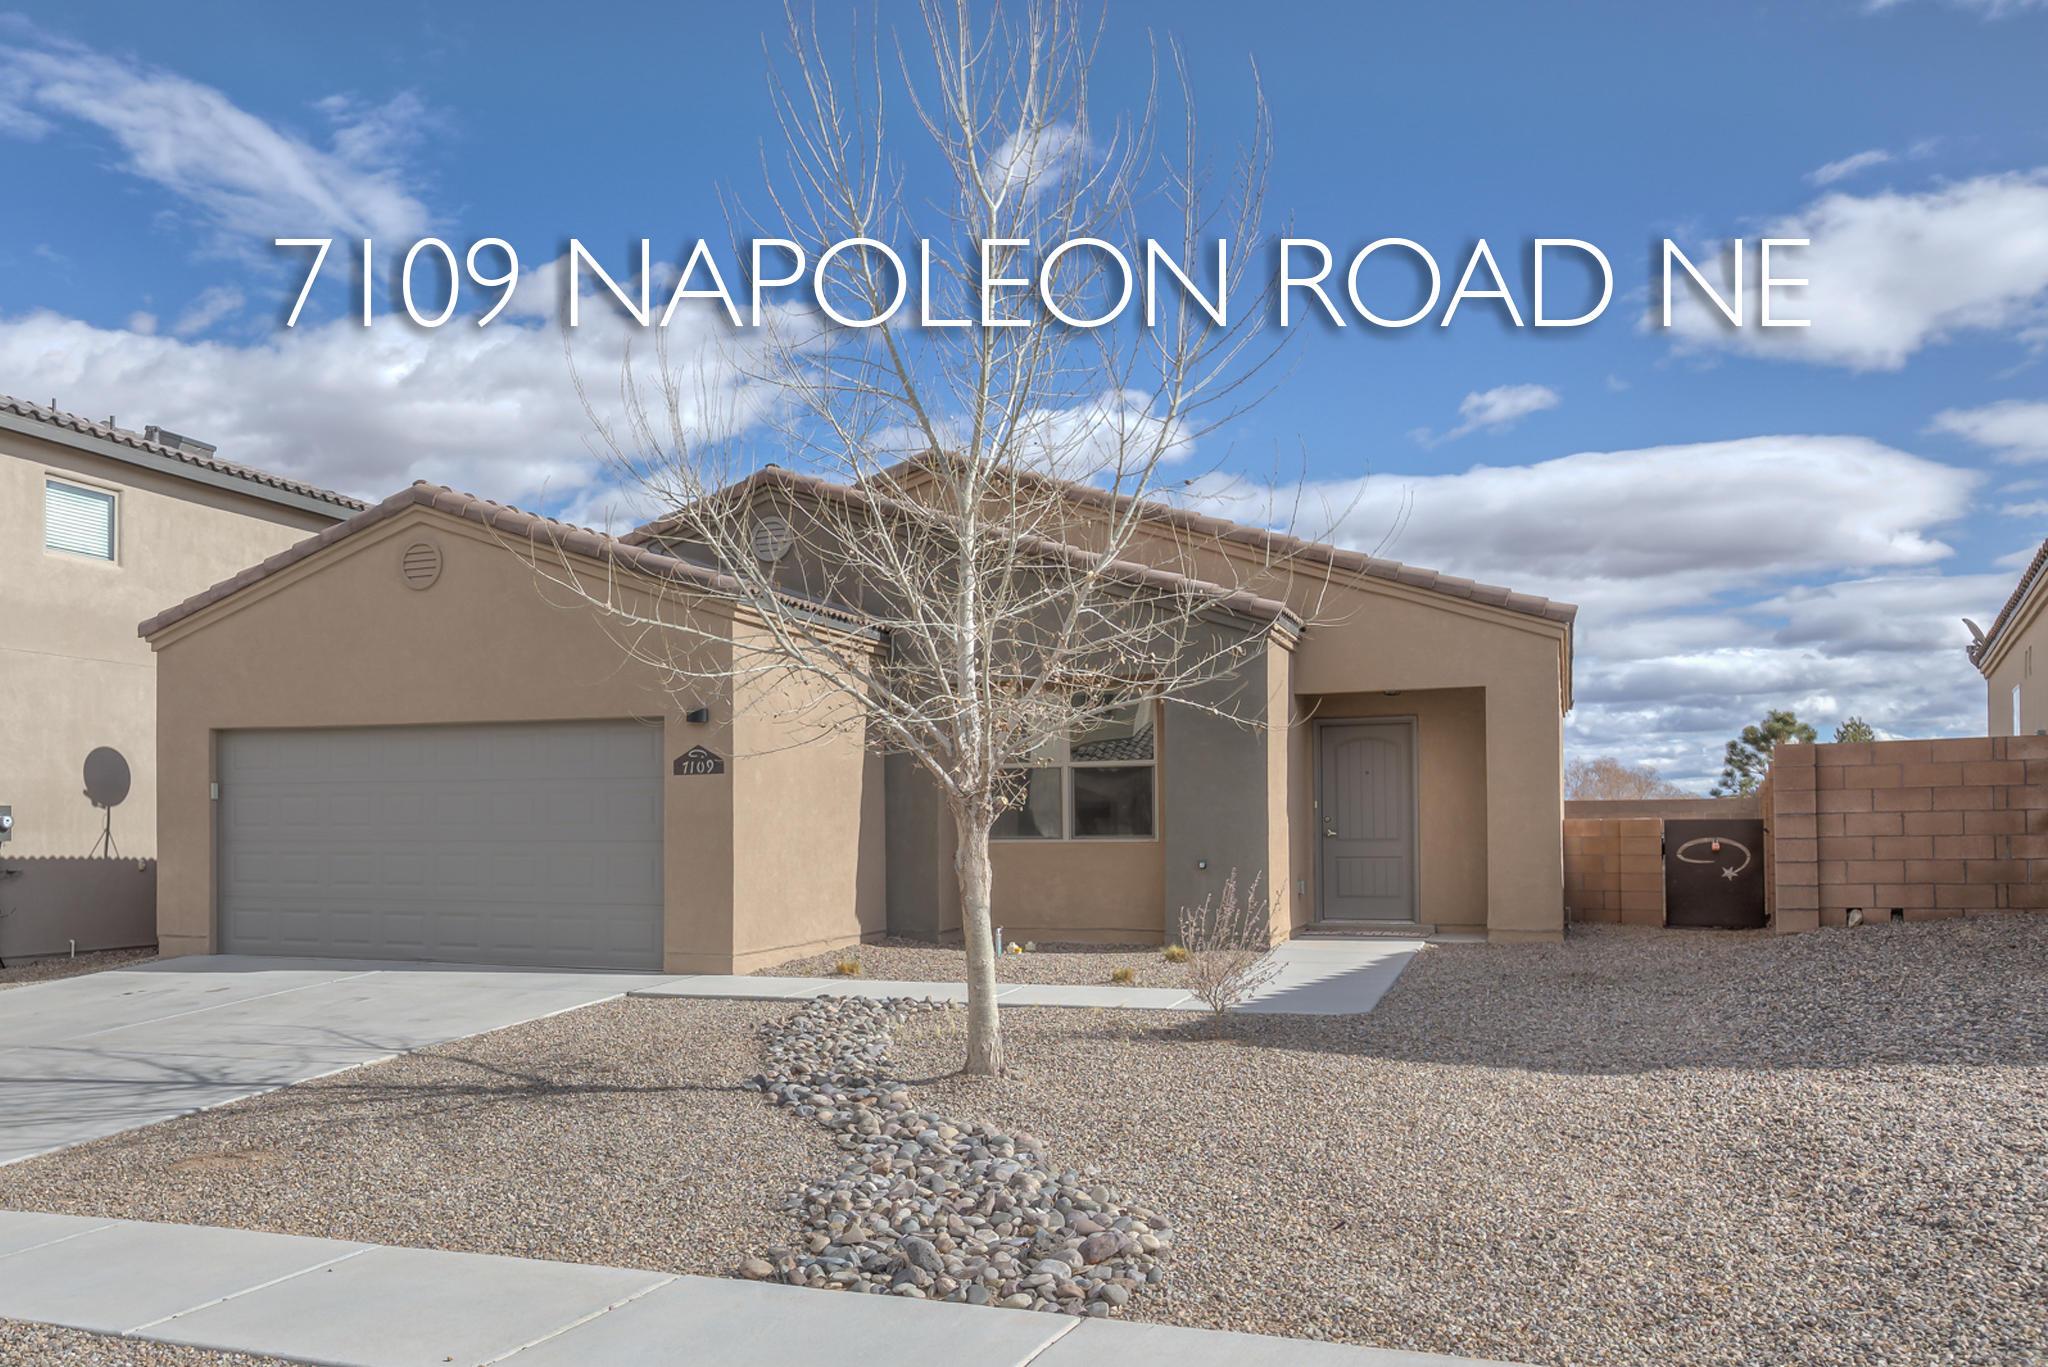 7109 NE Napoleon Road, Rio Rancho in Sandoval County, NM 87144 Home for Sale